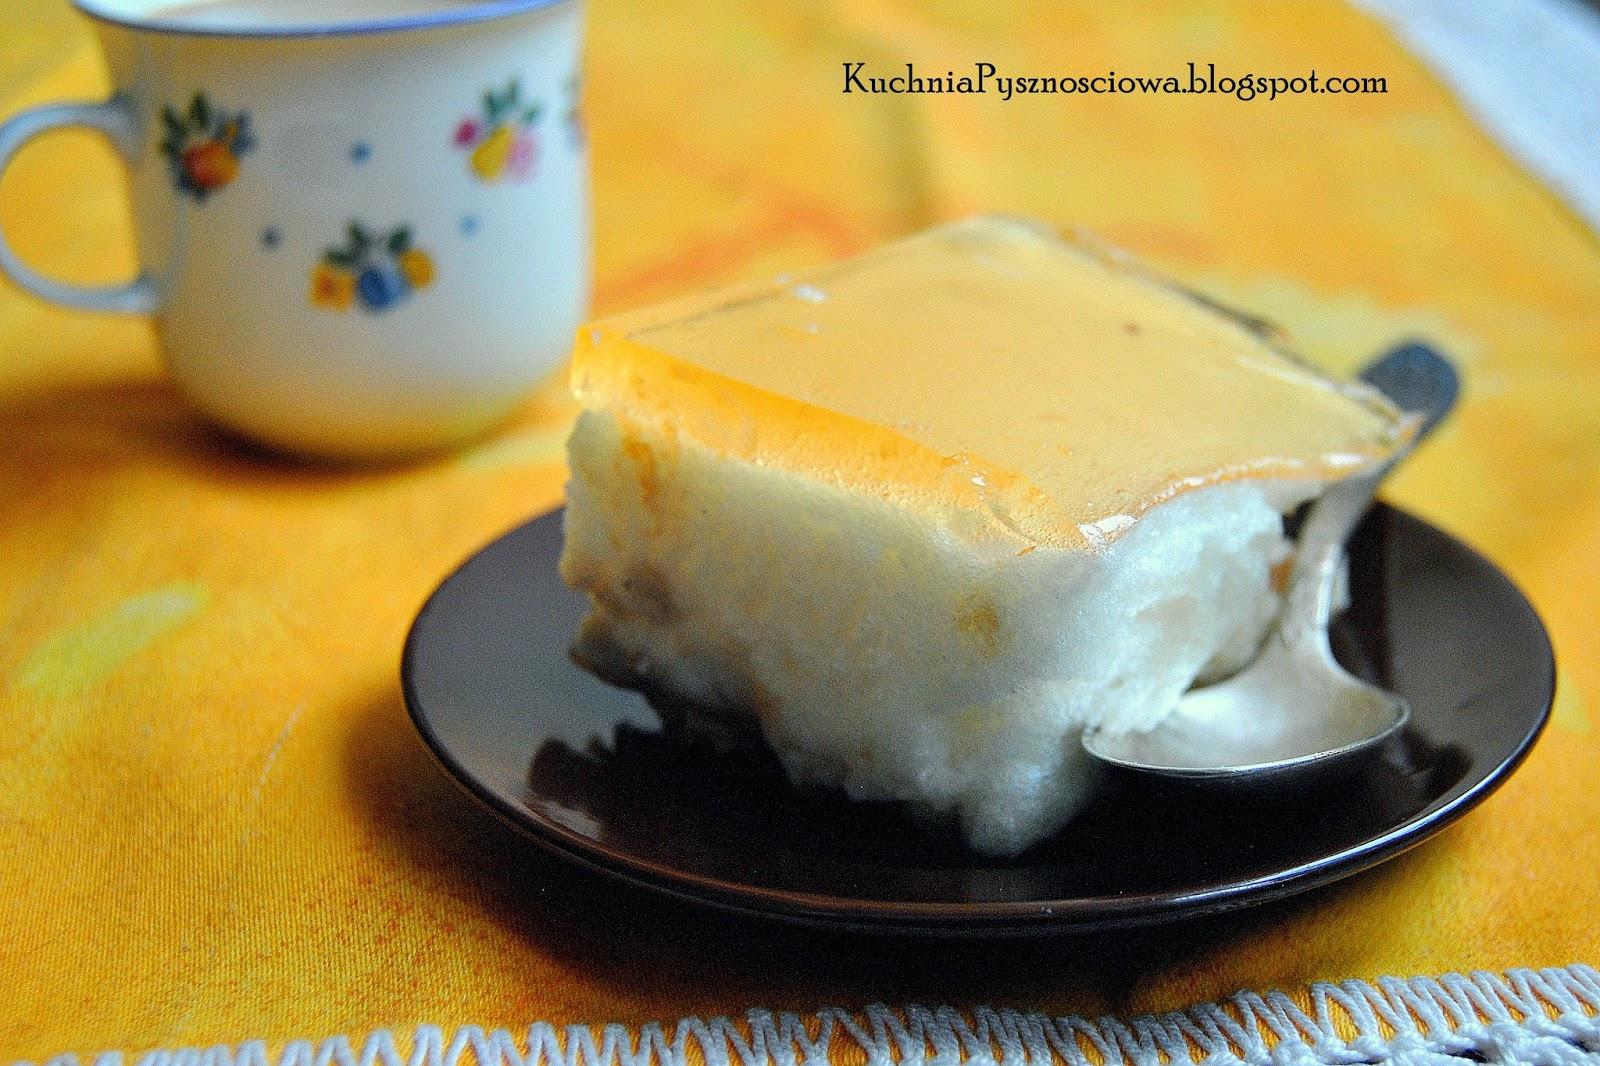 177. Owocowa pianka jak ptasie mleczko, czyli ciasto z nadmiaru białek